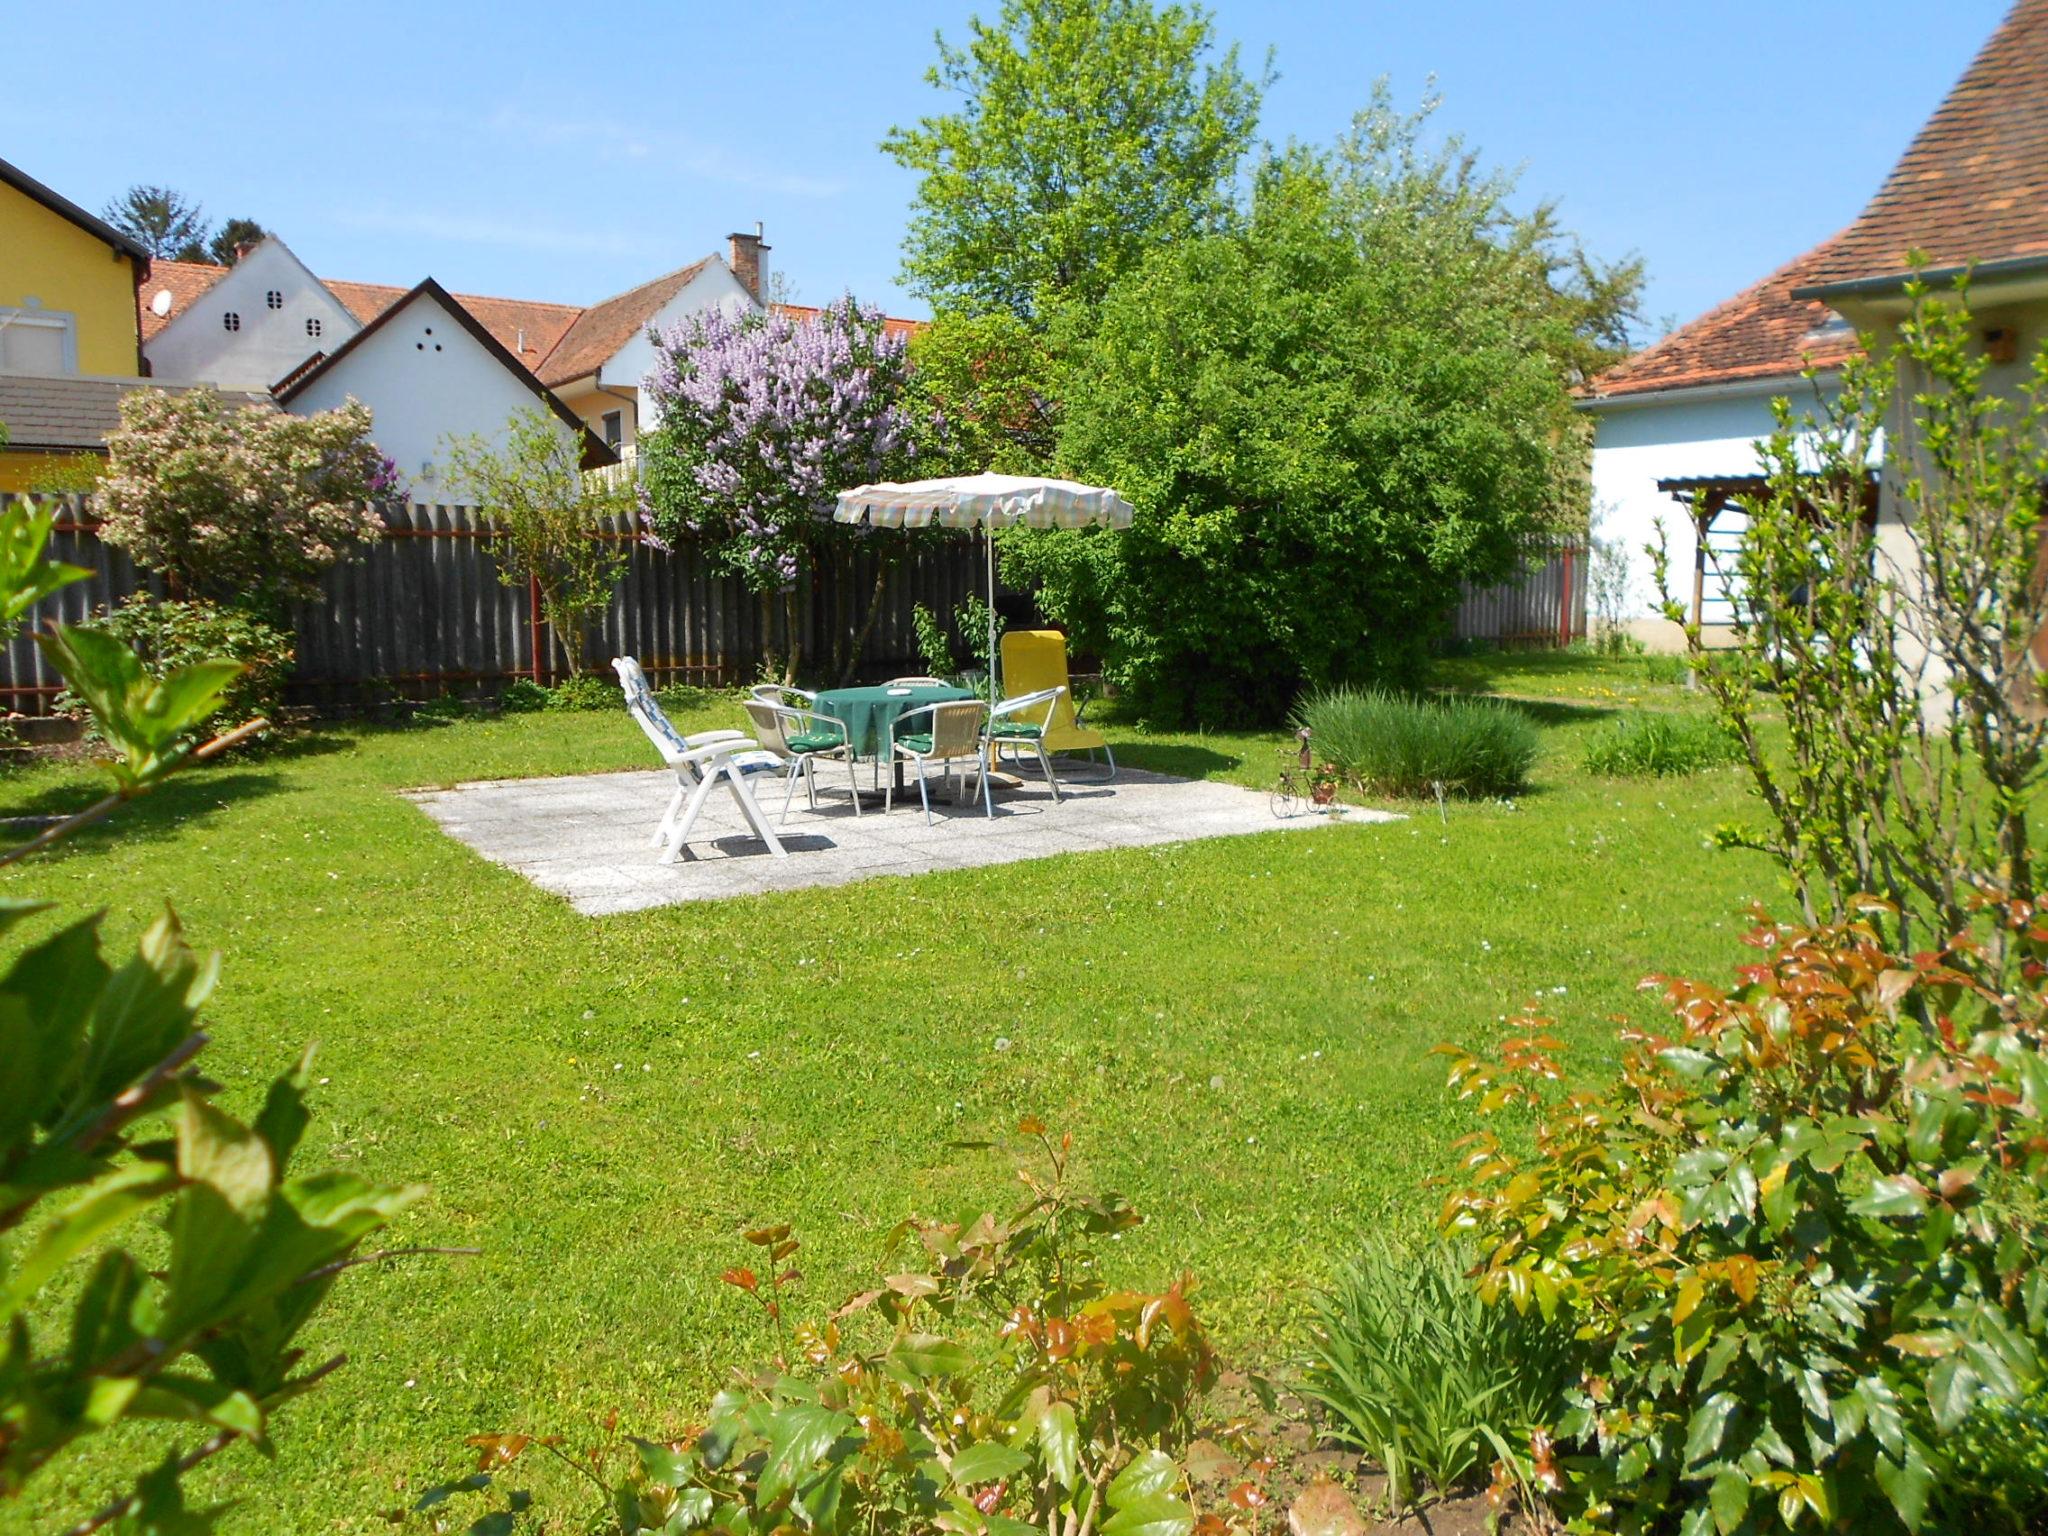 Garten mit Sitzgarnitur